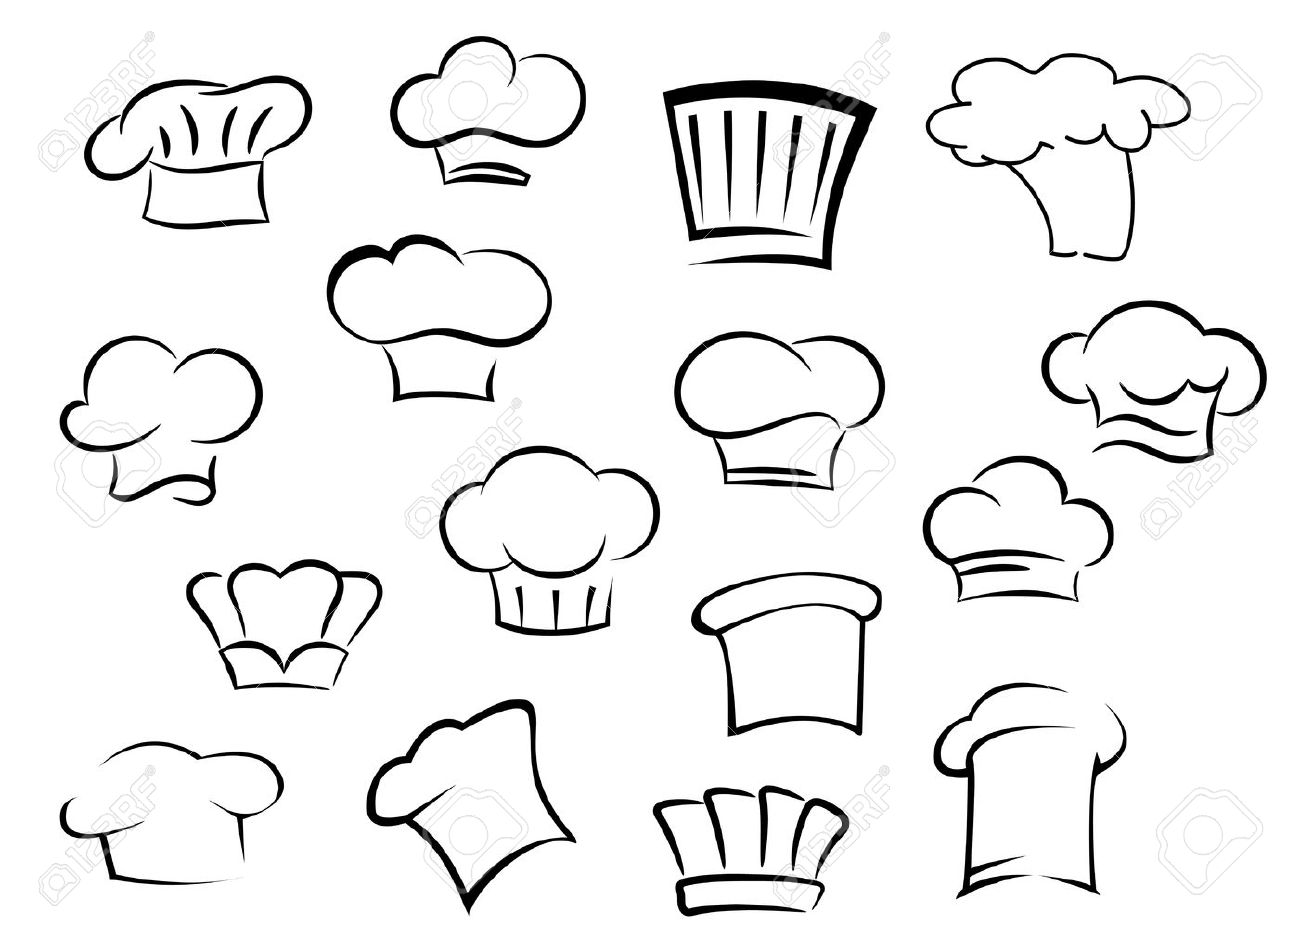 Toques Icônes Avec Embouts Blancs Uniformes Professionnels Pour Le Personnel De Cuisine Dans Le Style Dessin Doodle